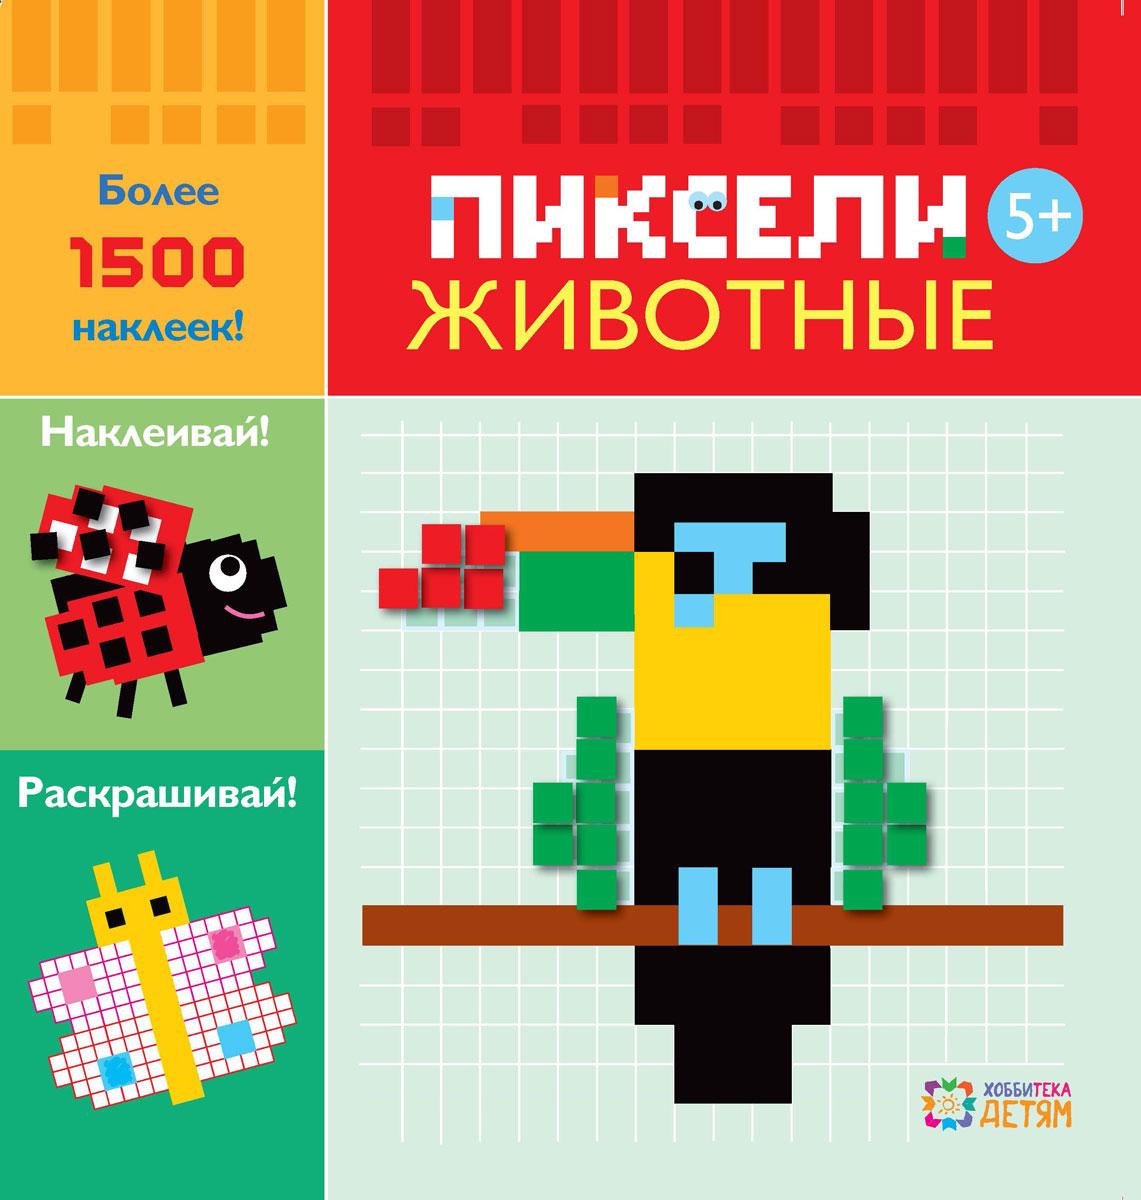 Животные. Пиксели. Наклей и раскрась12296407Книги серии Пиксели. Наклей и раскрась предлагают увлекательную игру - представить привычное изображение в виде набора разноцветных квадратиков-пикселей. В книге более 1500 стикеров для творчества! Можно раскрасить рисунок по пикселям, а можно наклеивать квадратики-пиксели по схеме и получать потрясающие пиксельные картинки. Игра развивает у ребёнка логическое мышление, мелкую моторику, учит концентрироваться, прививает усидчивость и аккуратность.